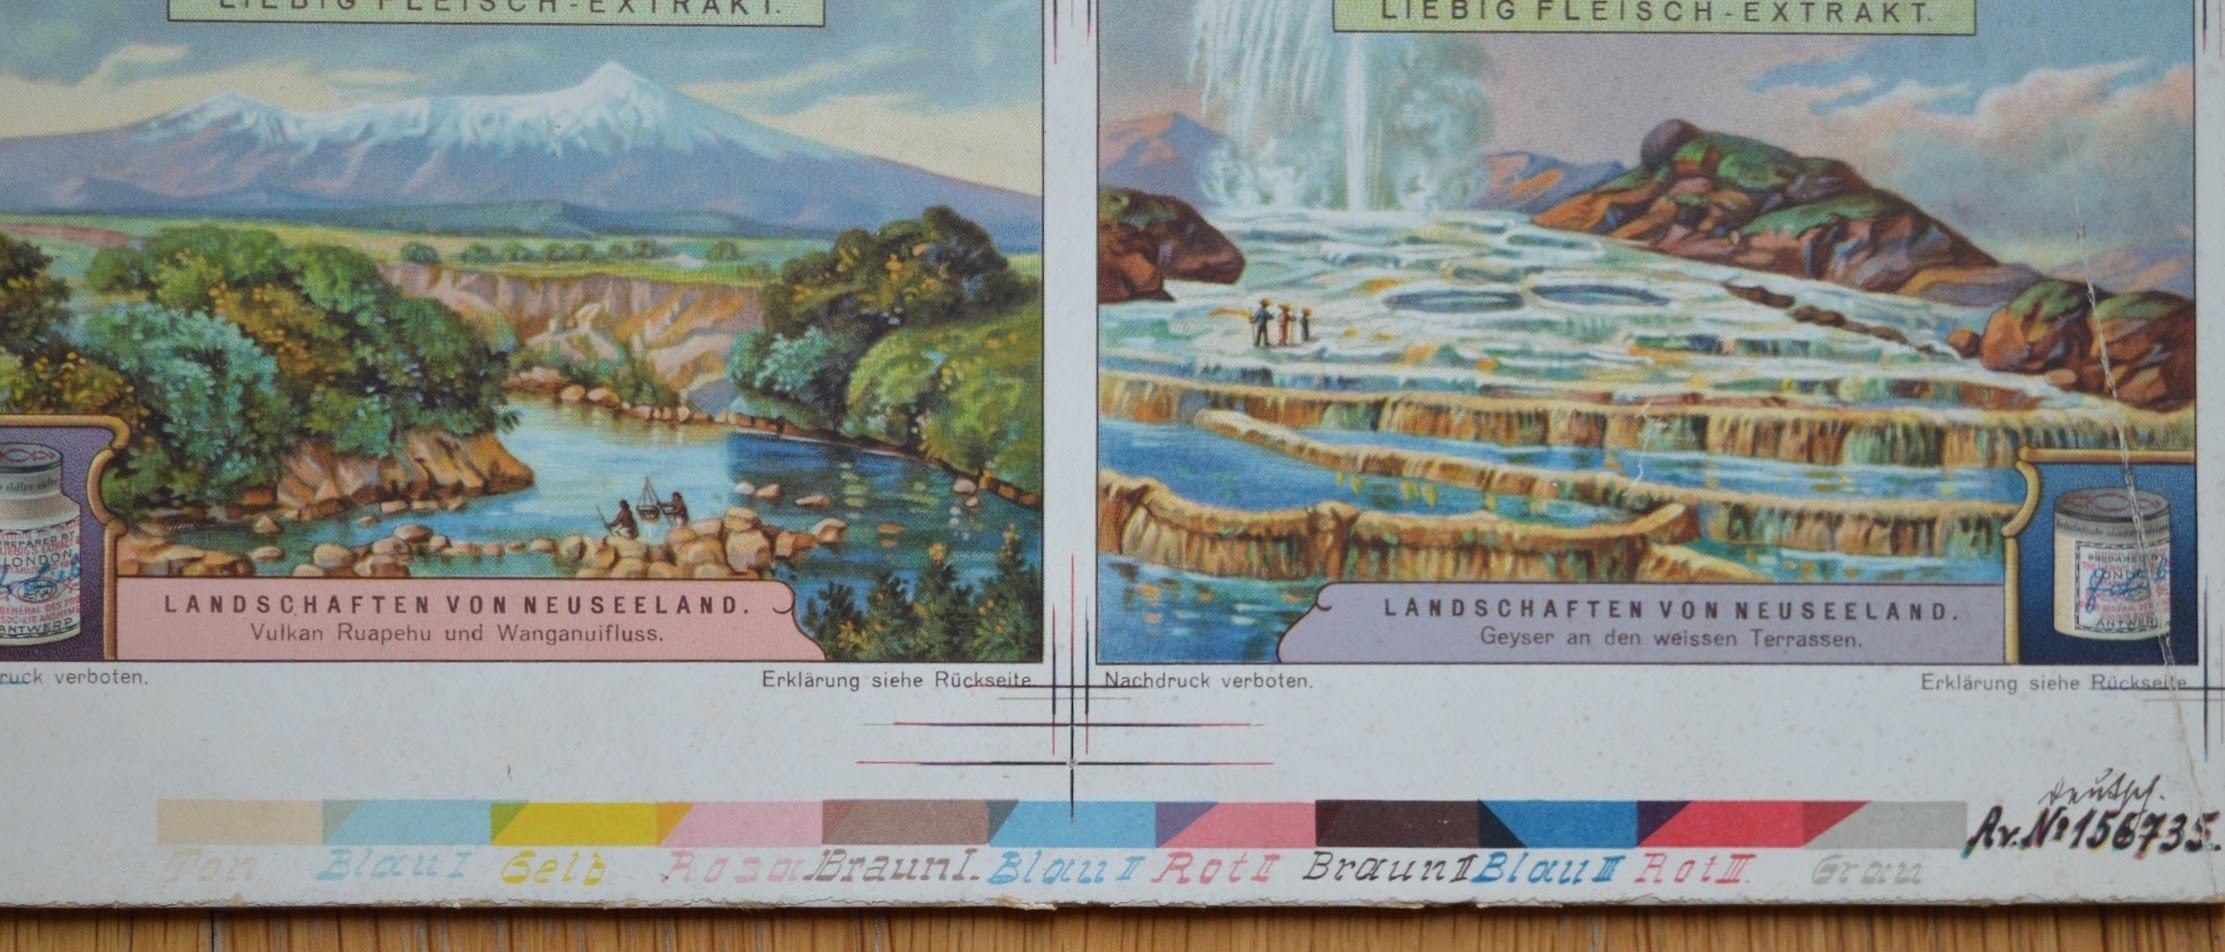 Lithographie - Druckseite Sammelbilder Liebig's Fleisch-Extrakt - 1928 - Farbtabelle